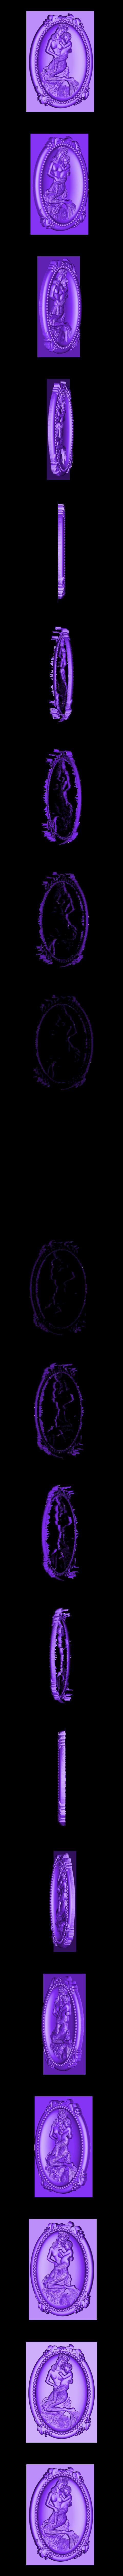 Mermaid.stl Télécharger fichier STL gratuit Sirène • Objet pour impression 3D, stlfilesfree